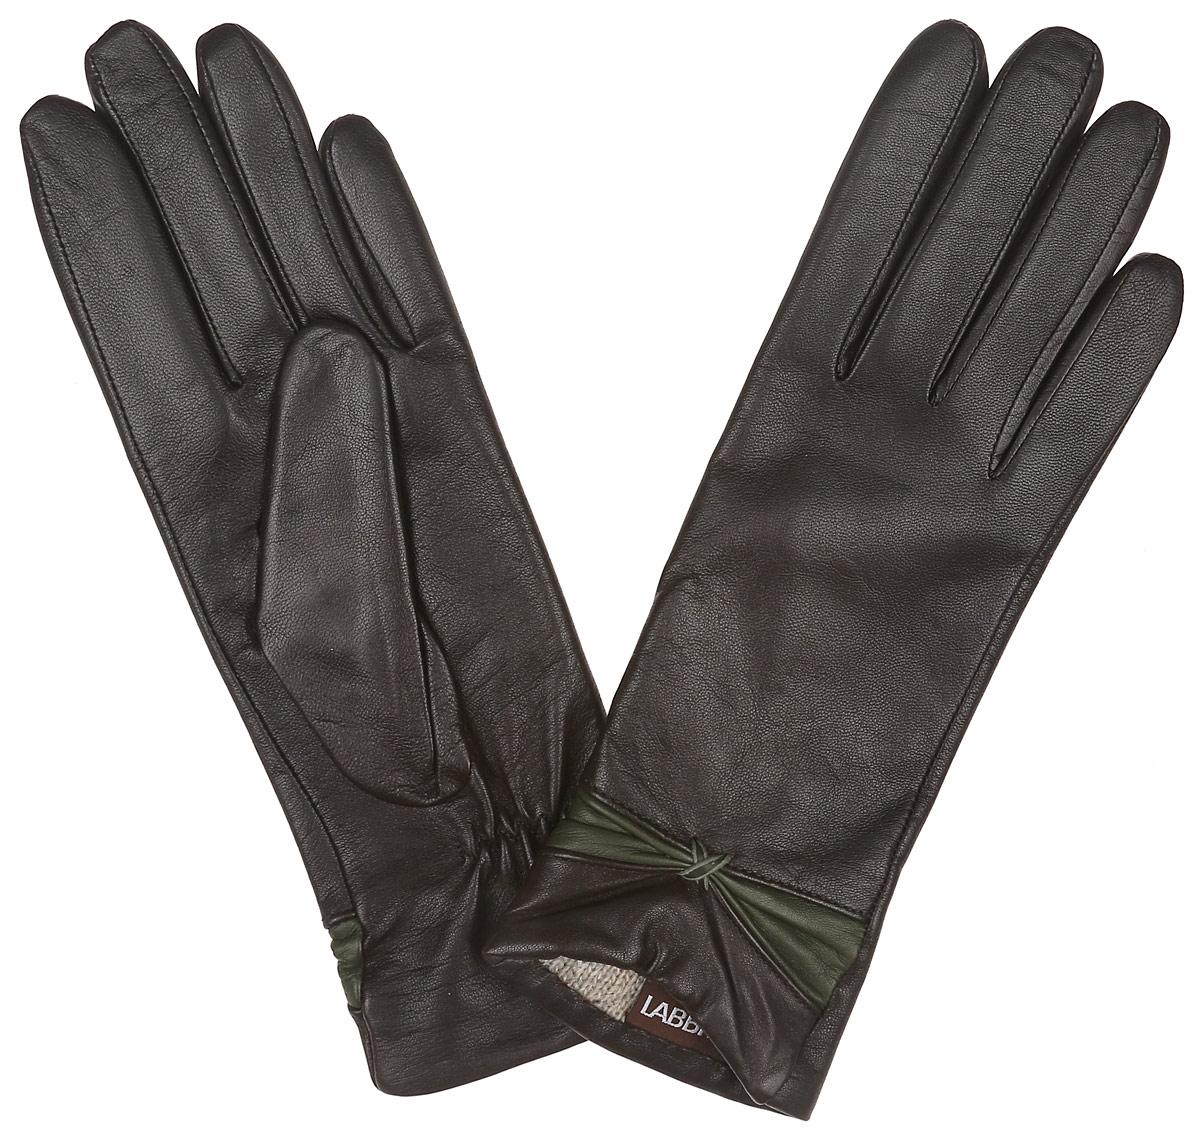 LB-3015Классические женские перчатки Labbra не только защитят ваши руки, но и станут великолепным украшением. Перчатки выполнены из чрезвычайно мягкой и приятной на ощупь натуральной кожи ягненка, а их подкладка - из натуральной шерсти с добавлением акрила. Внешняя сторона перчатки декорирована кожаной вставкой в виде элегантного бантика. Внутренняя сторона дополнена аккуратной сборкой. В настоящее время перчатки являются неотъемлемой принадлежностью одежды, вместе с этим аксессуаром вы обретаете женственность и элегантность. Перчатки станут завершающим и подчеркивающим элементом вашего стиля и неповторимости.